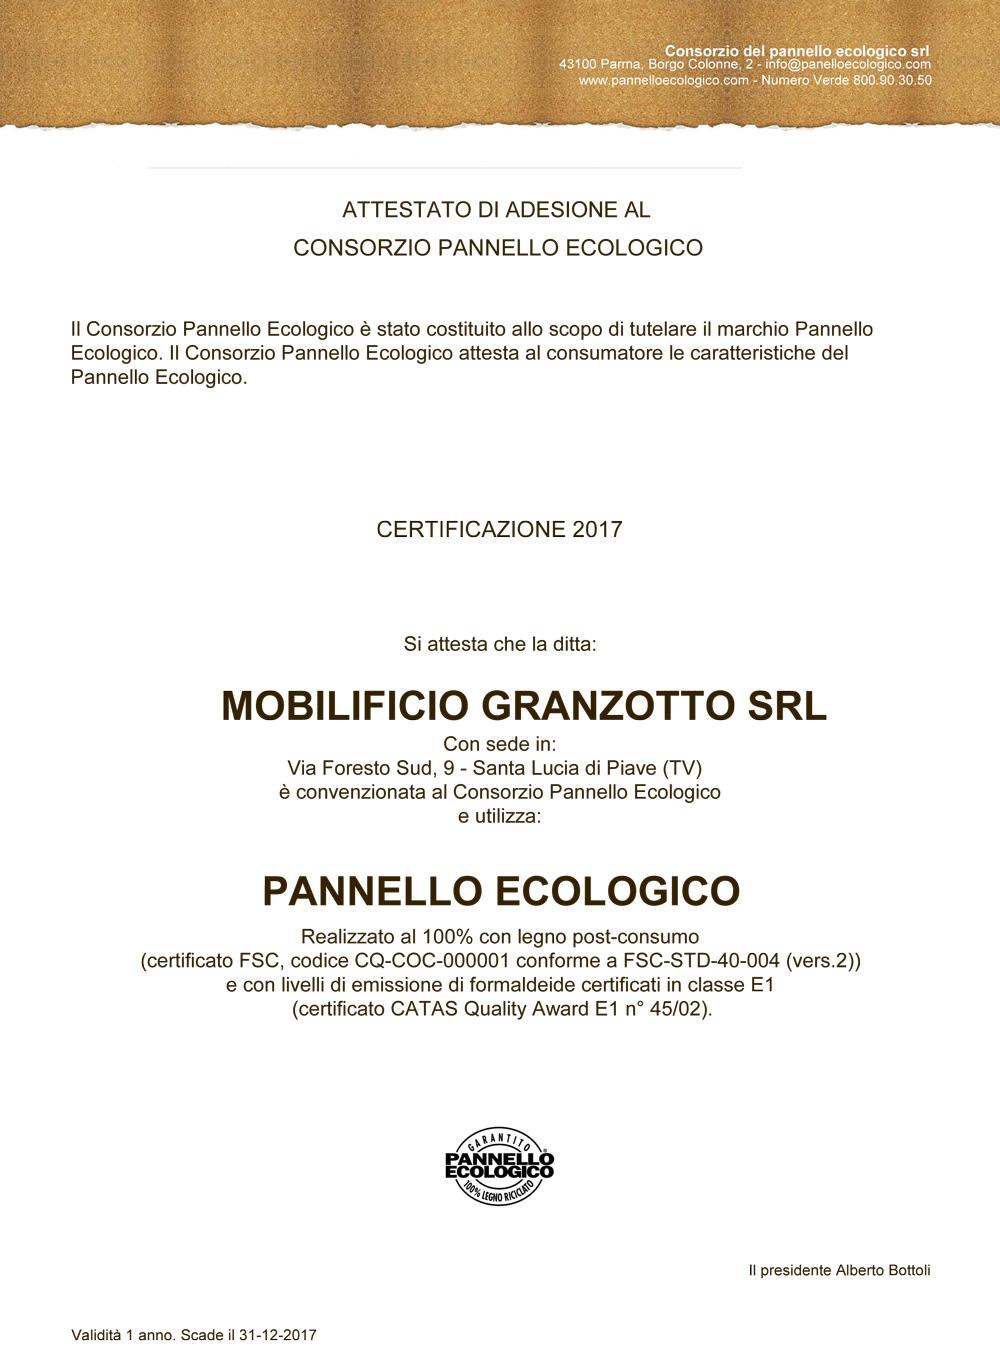 Granzotto-pannello-ecologico-2017